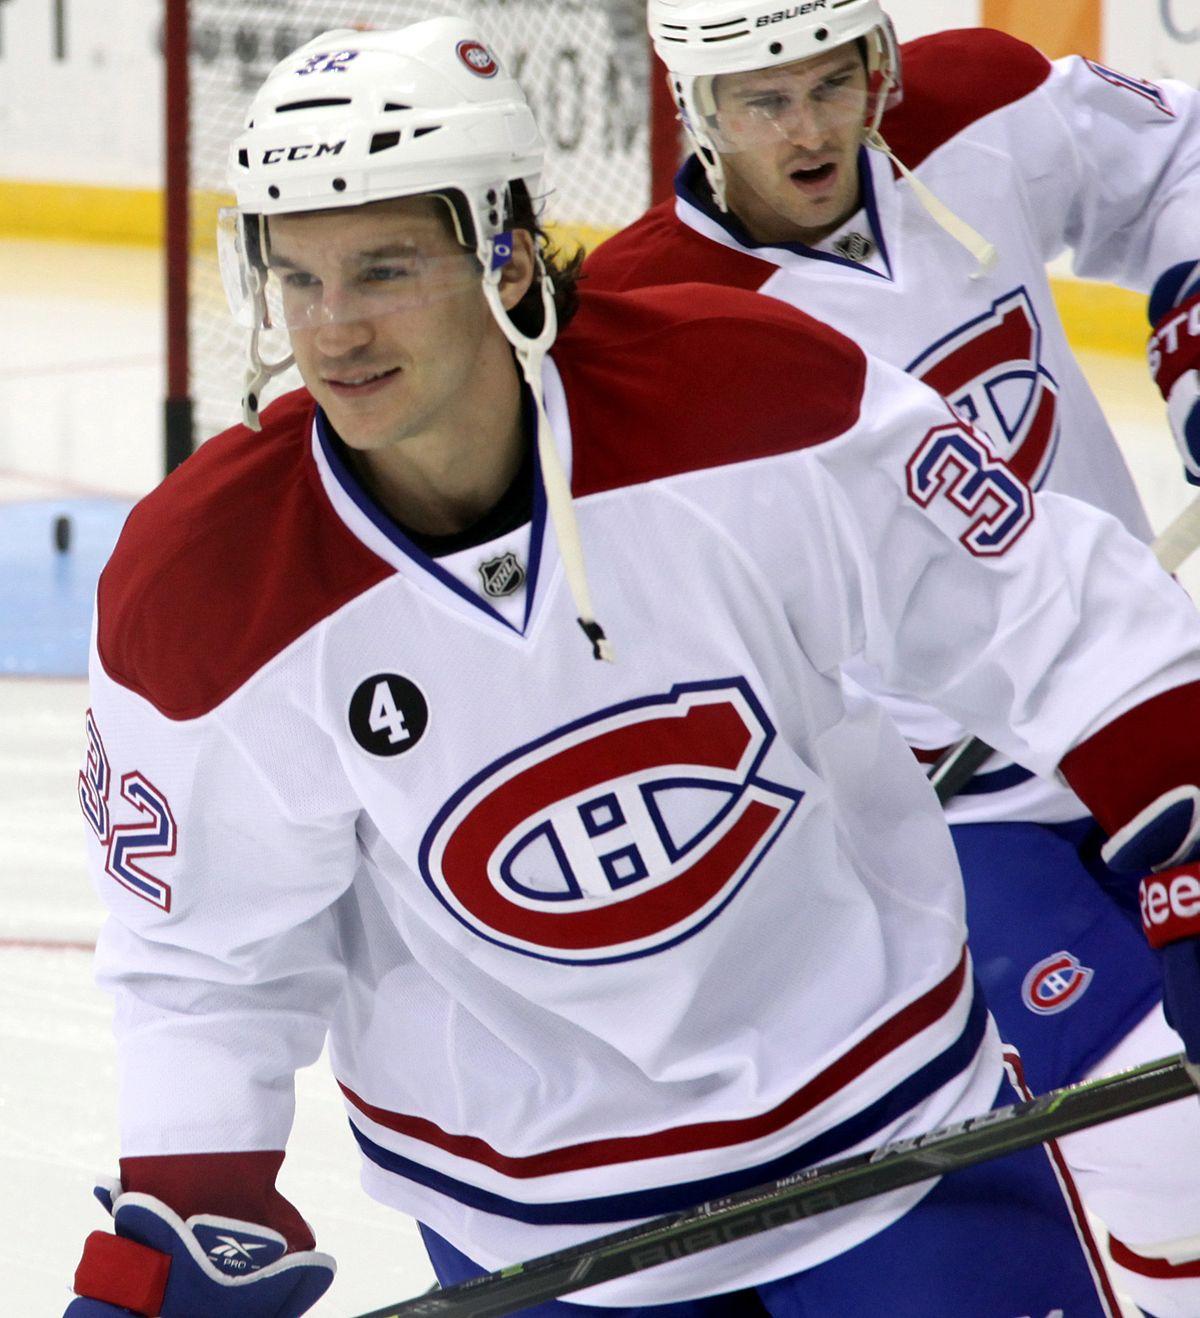 C Flynn Nhl Brian Flynn (hockey su...